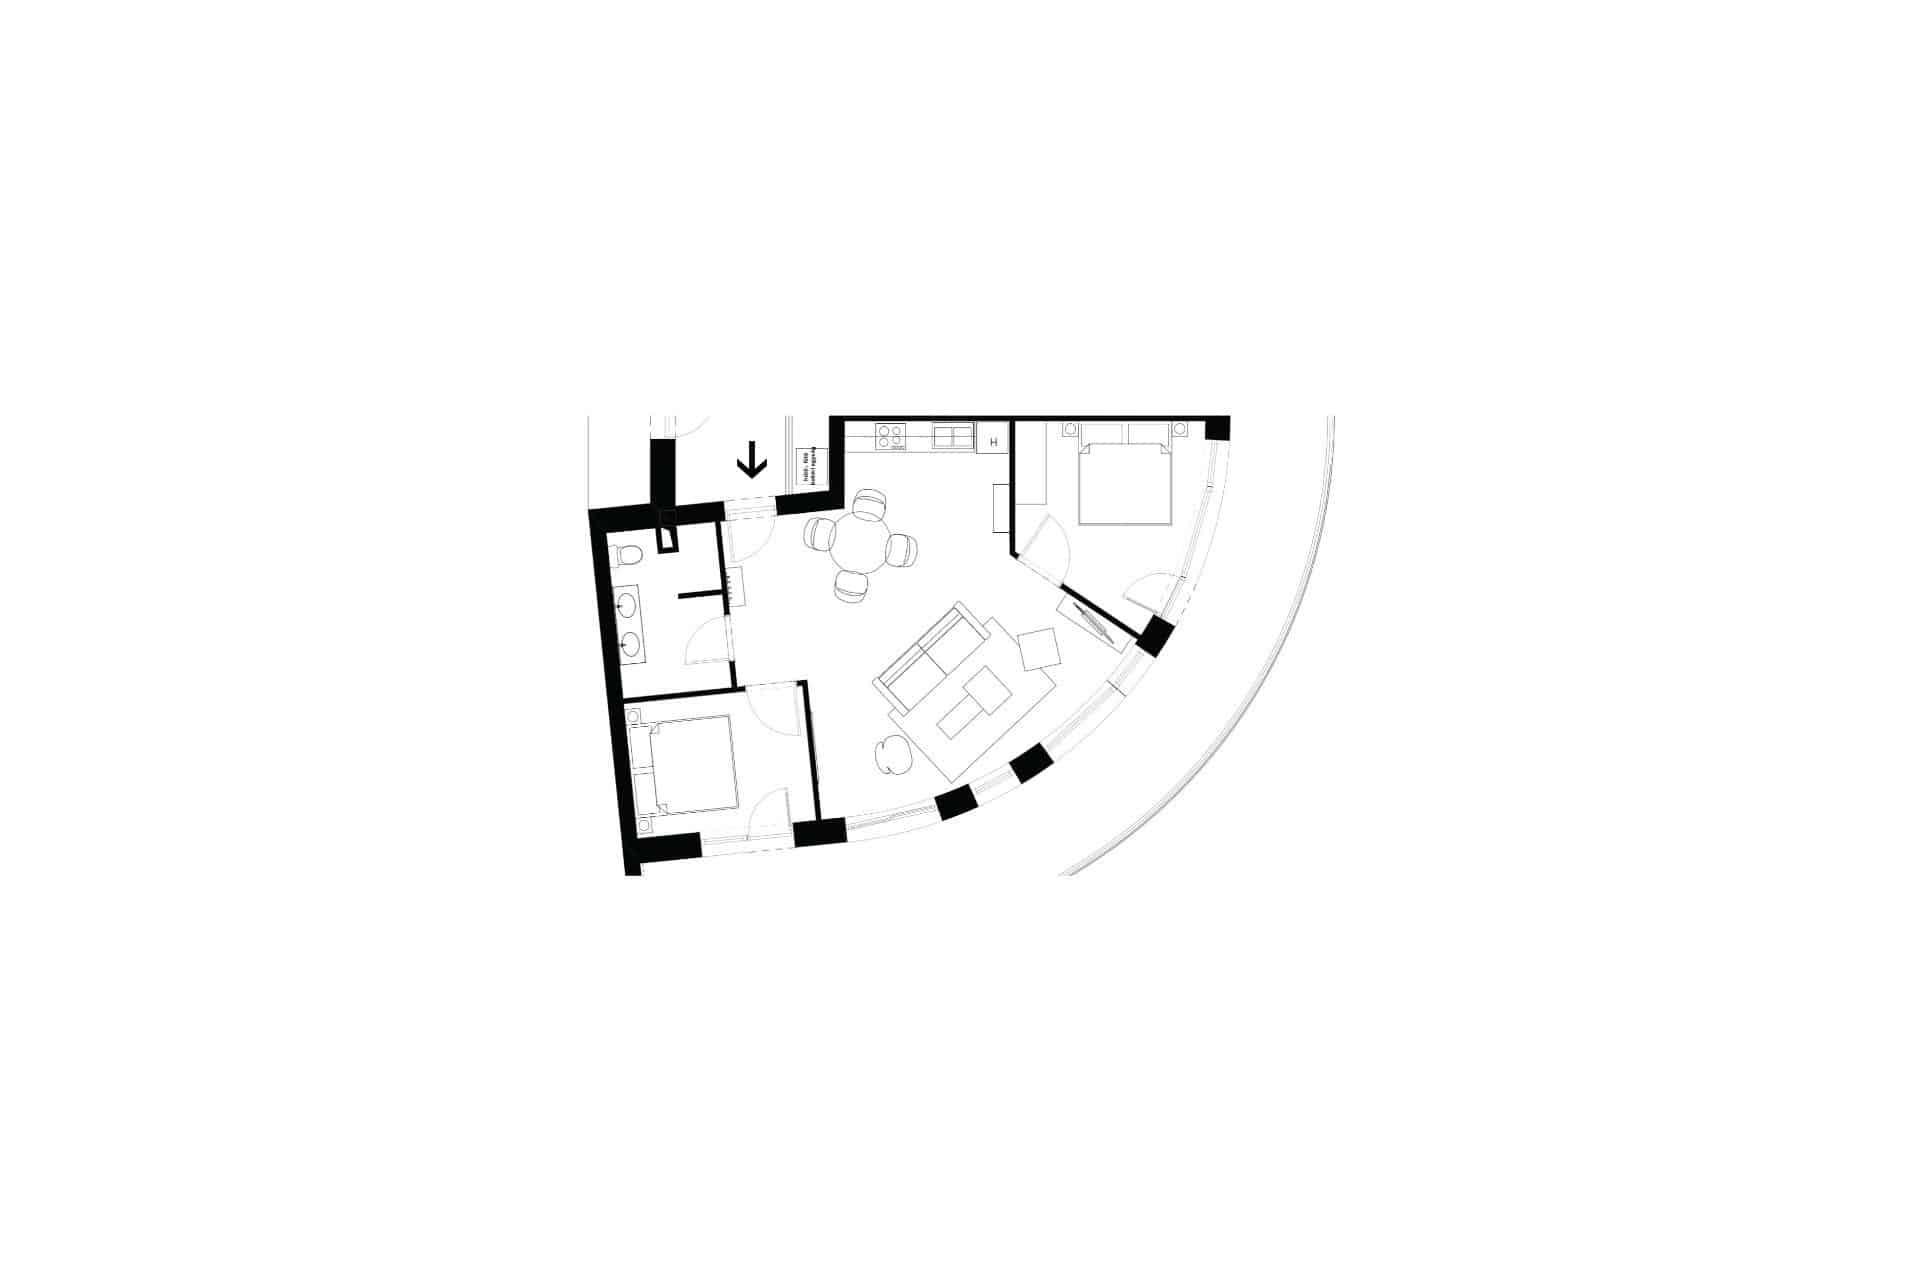 Vízparti balatoni panorámás Apartmanok Keszthely - No.30 apartman alaprajza.